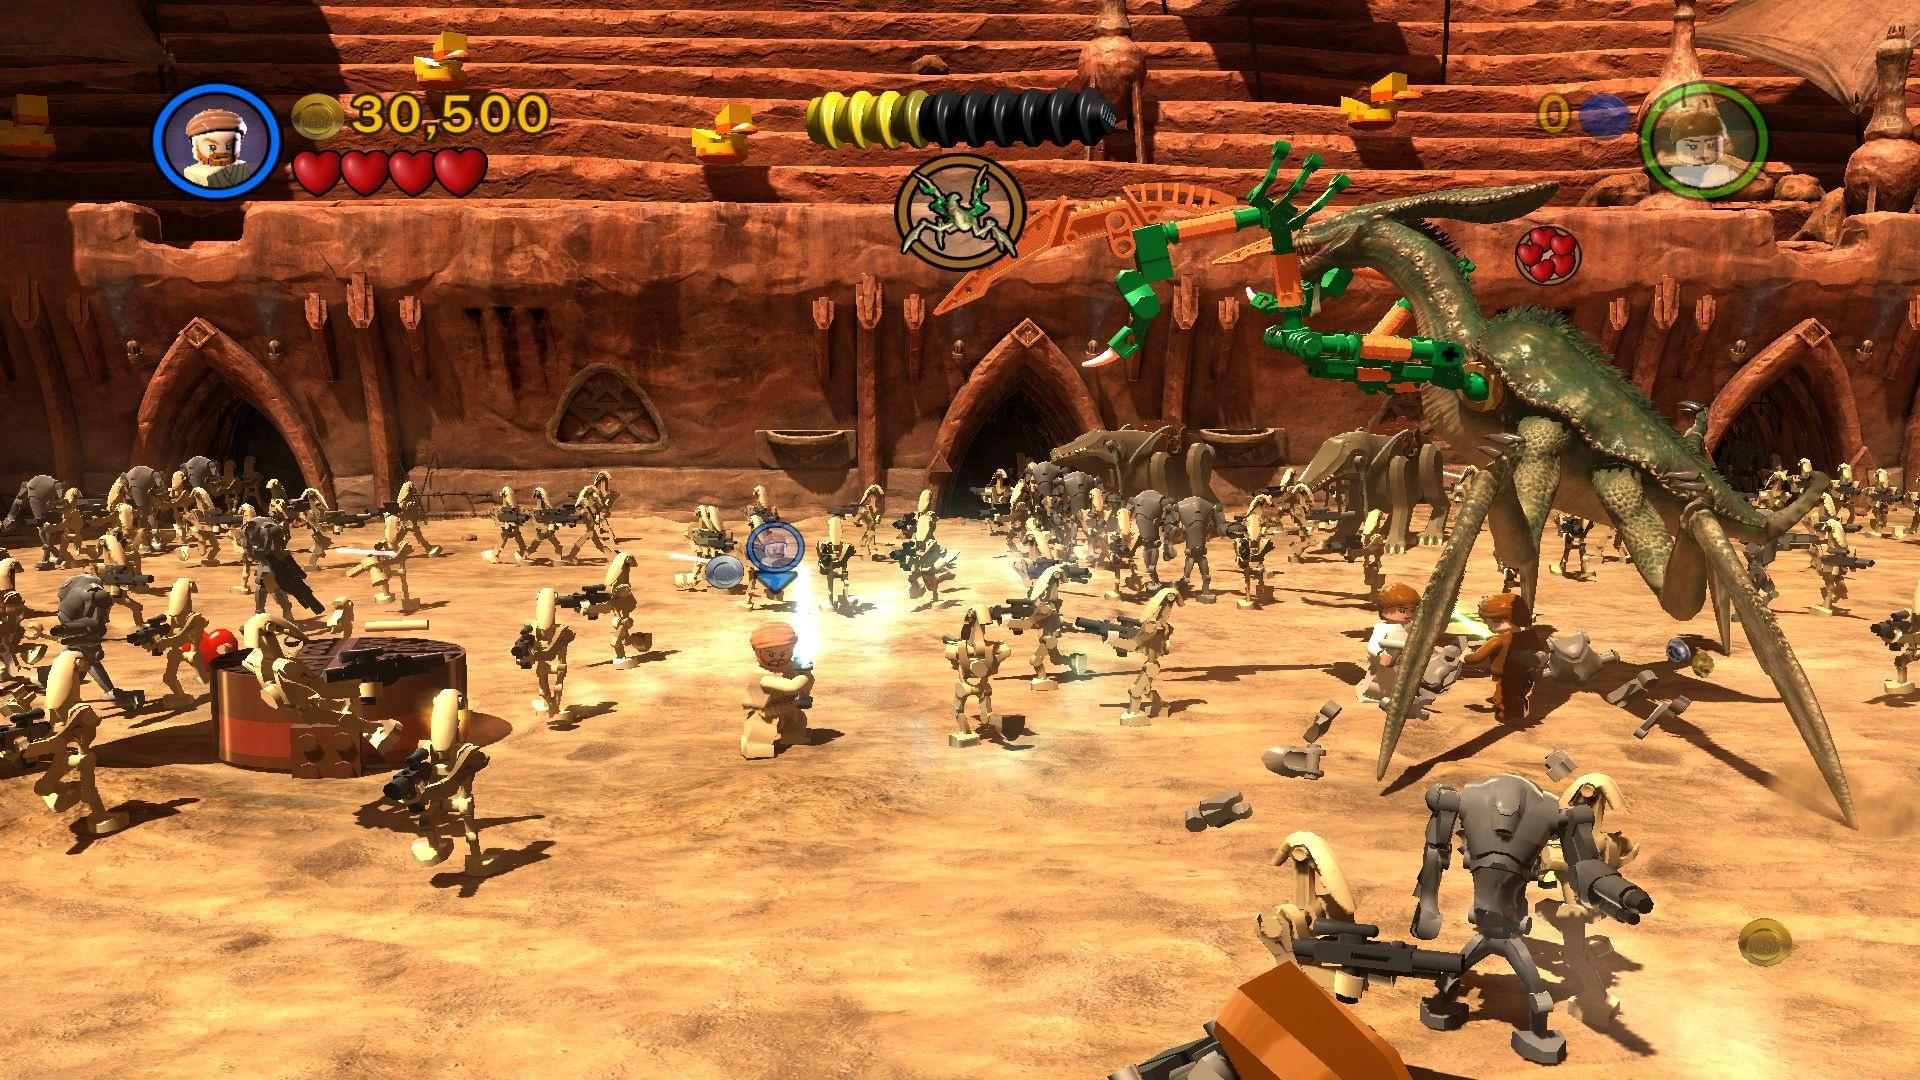 LEGO Star Wars III: The Clone Wars (PC) - Steam Key - GLOBAL - 3